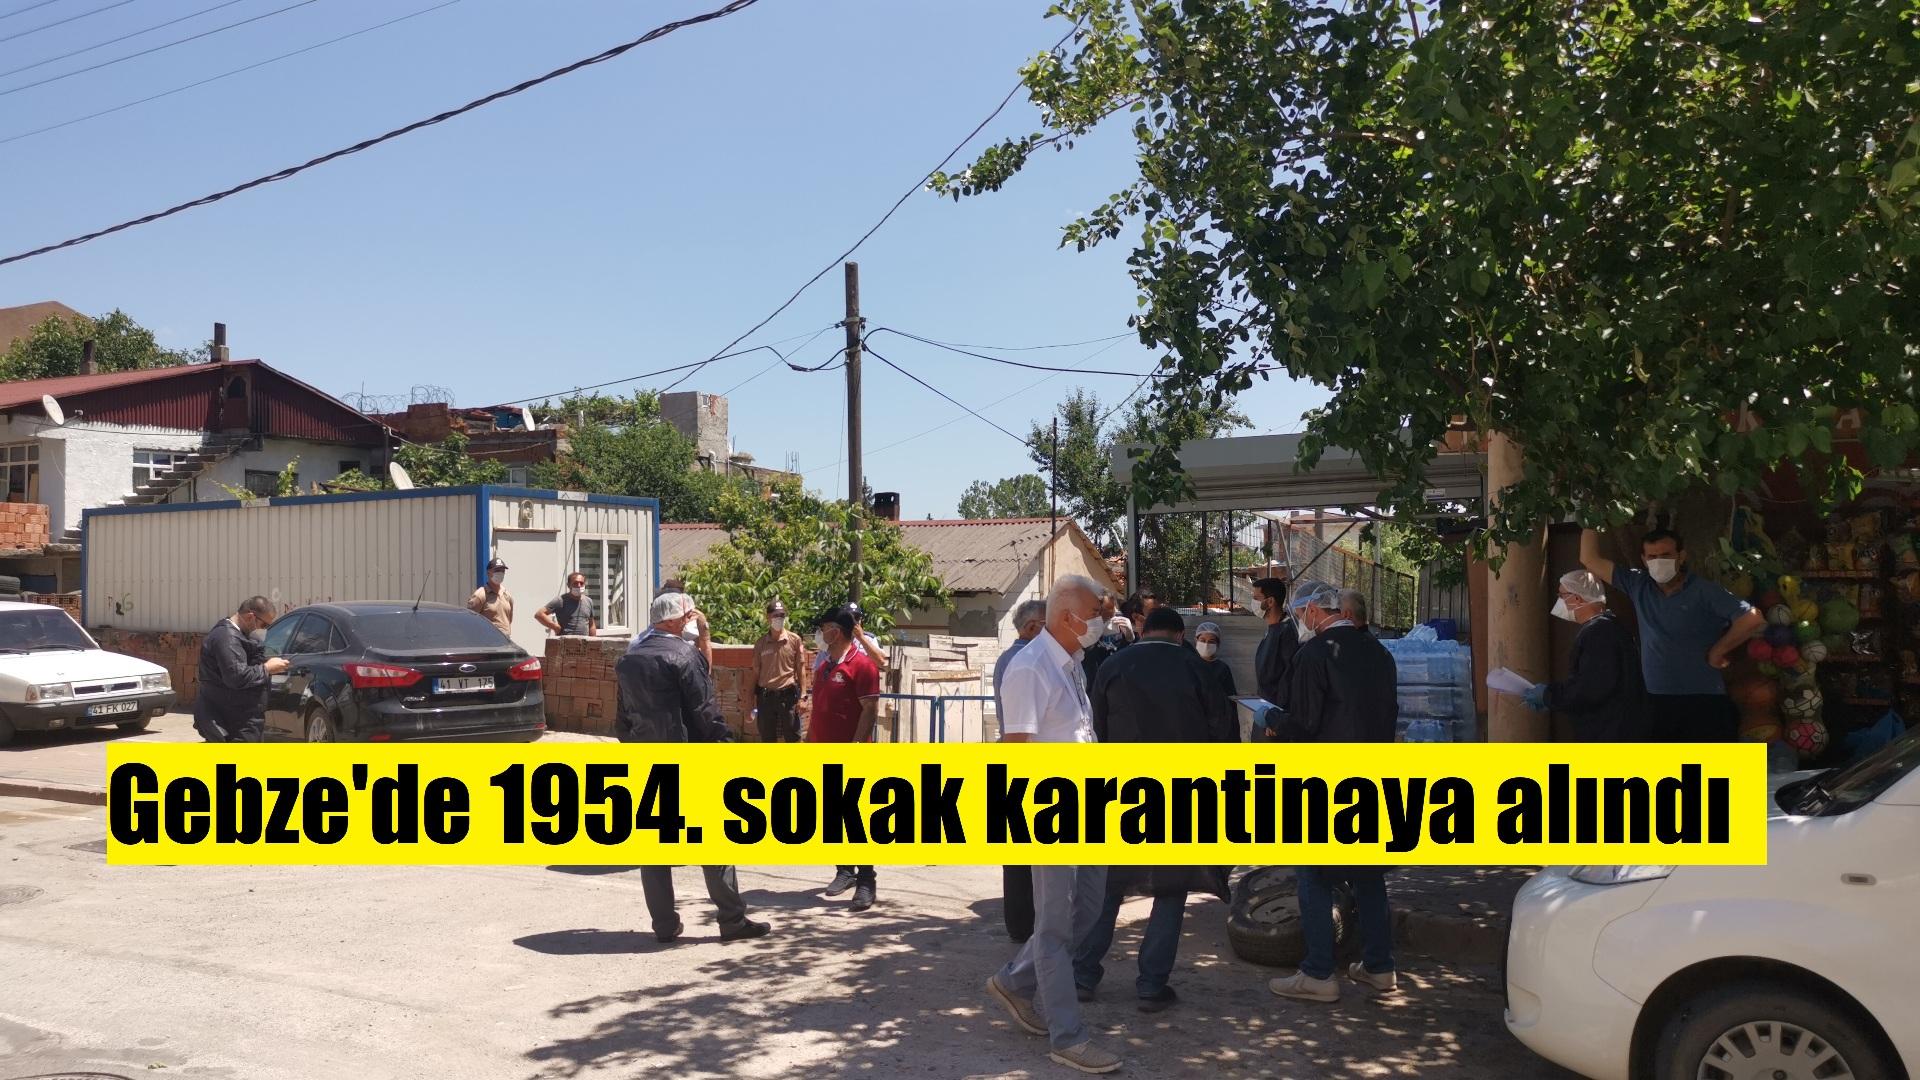 Gebze'deki 1954. sokakta vakıaların artmasıyla  karantinaya alındı!